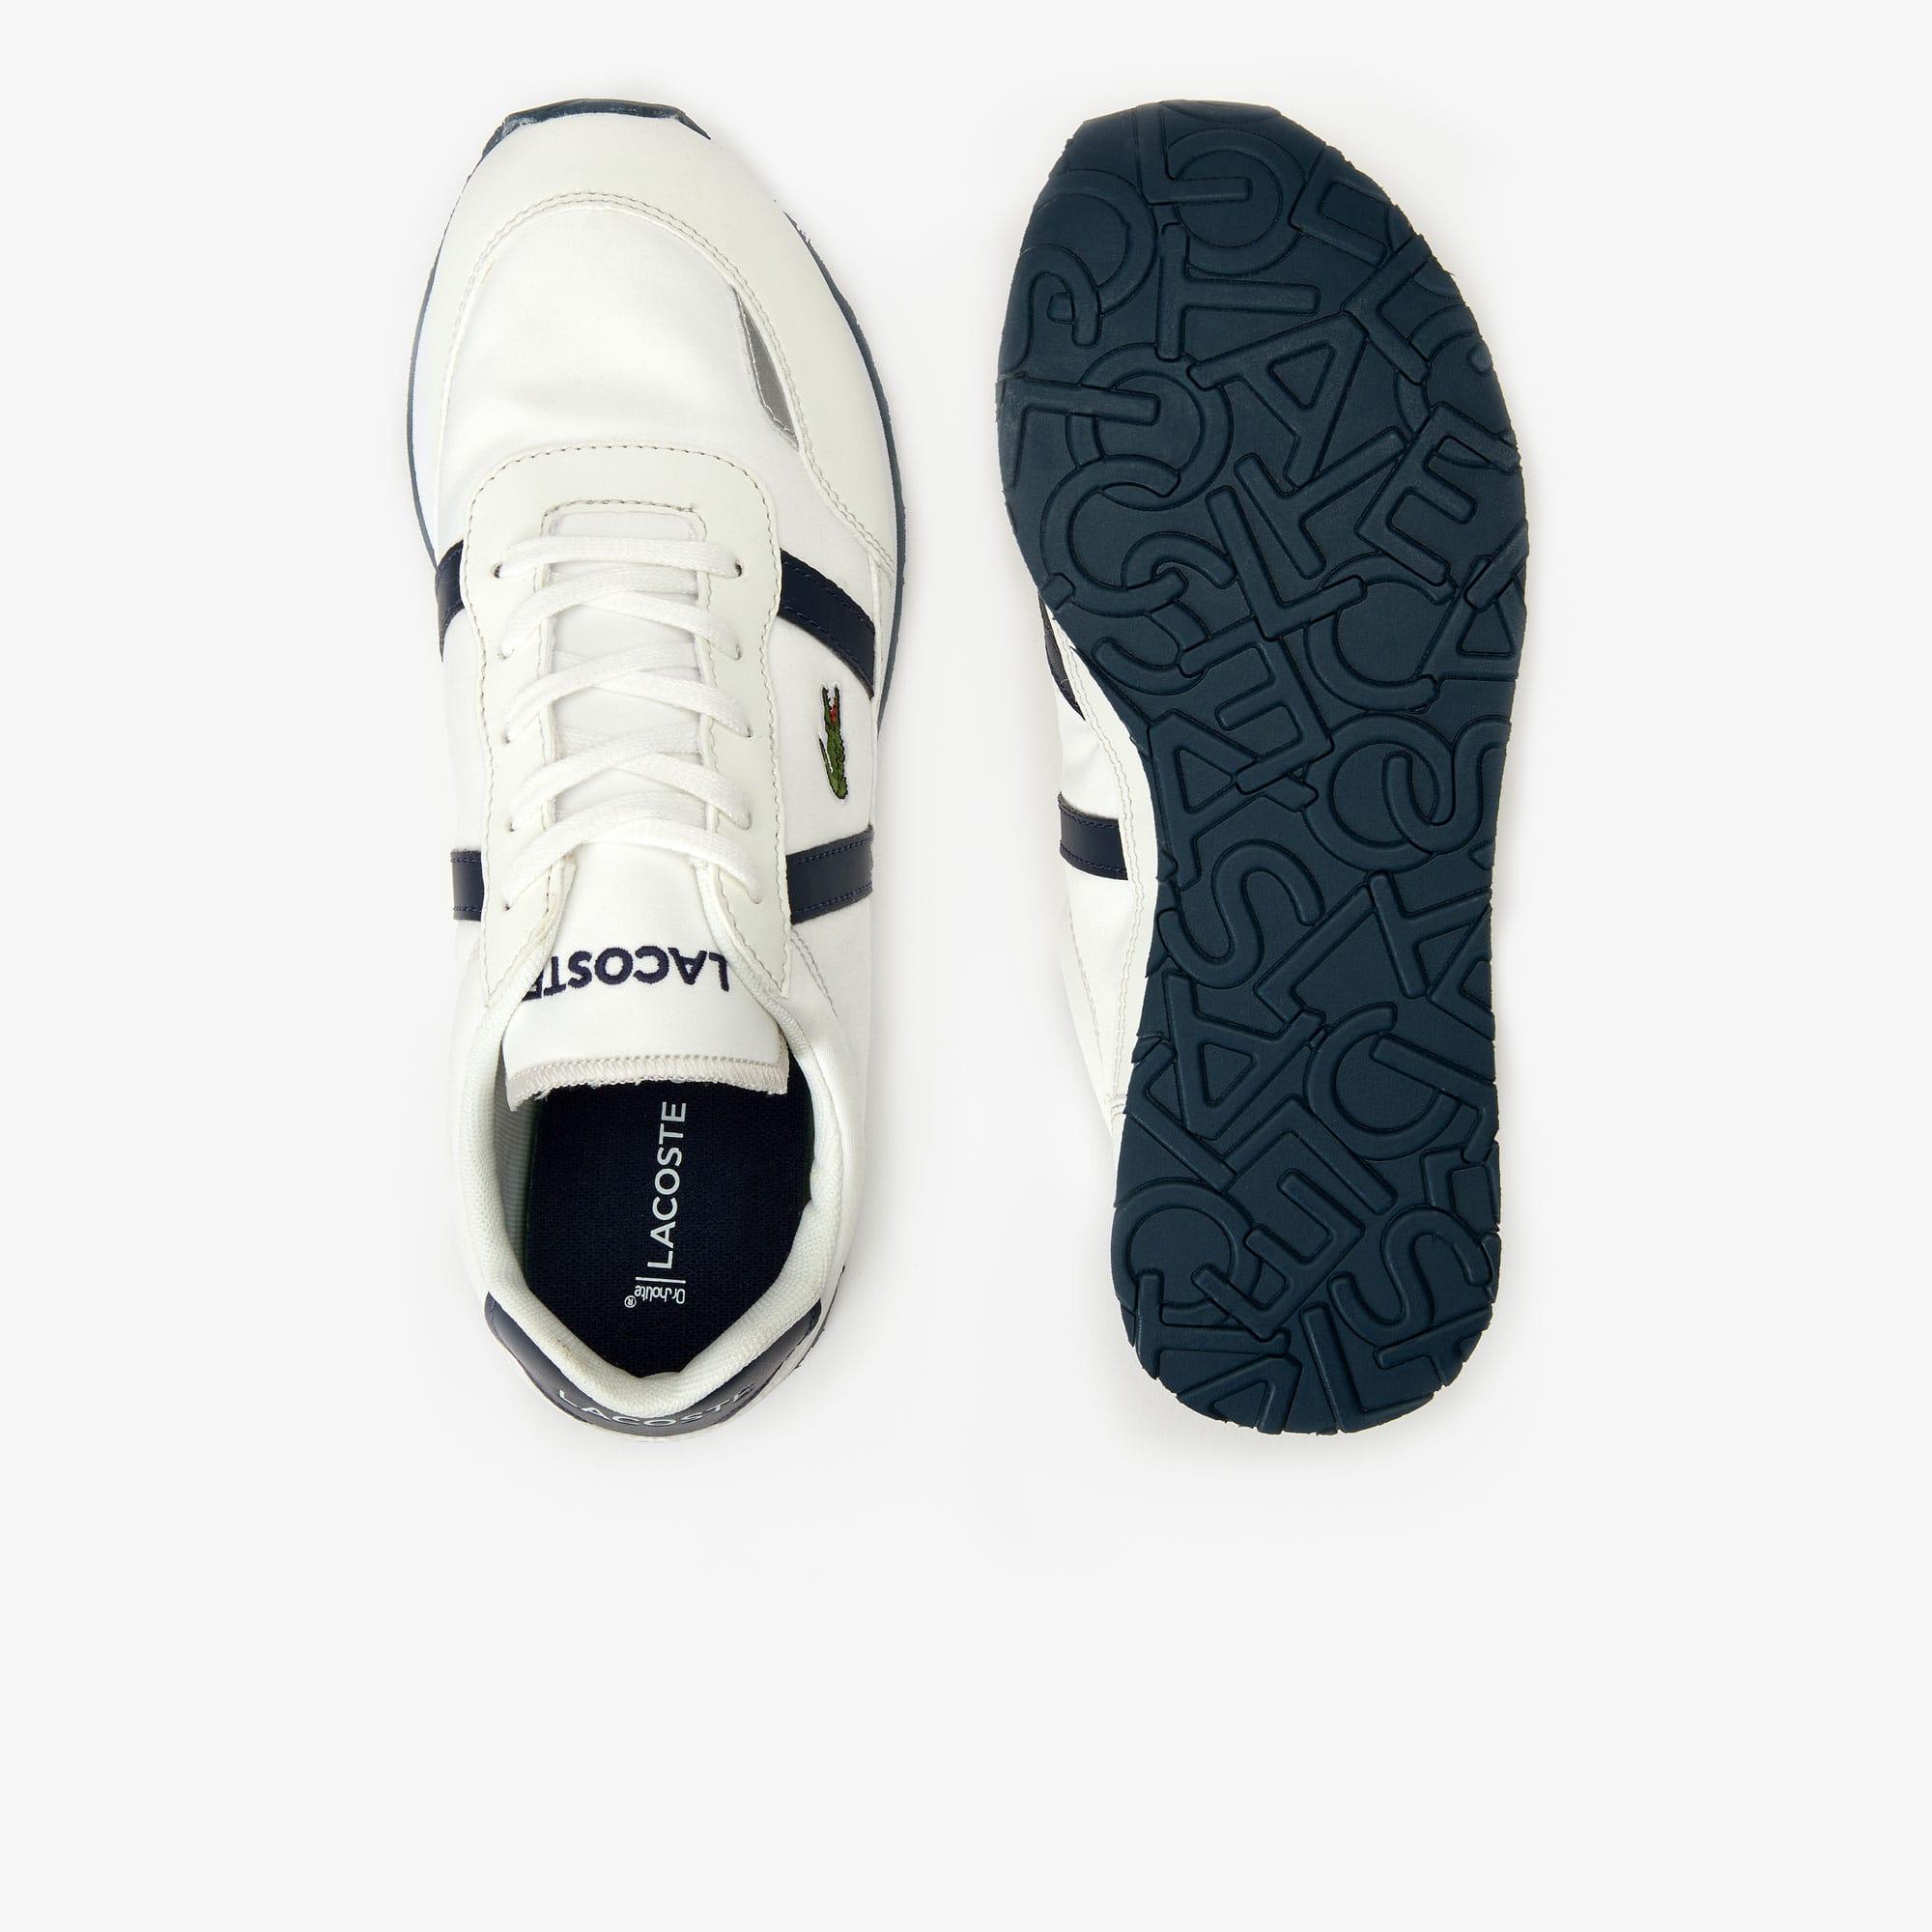 Sneakers Ado Semelle Textile Avec En Synthétique Partner Et Contrastée SVMzpGUq